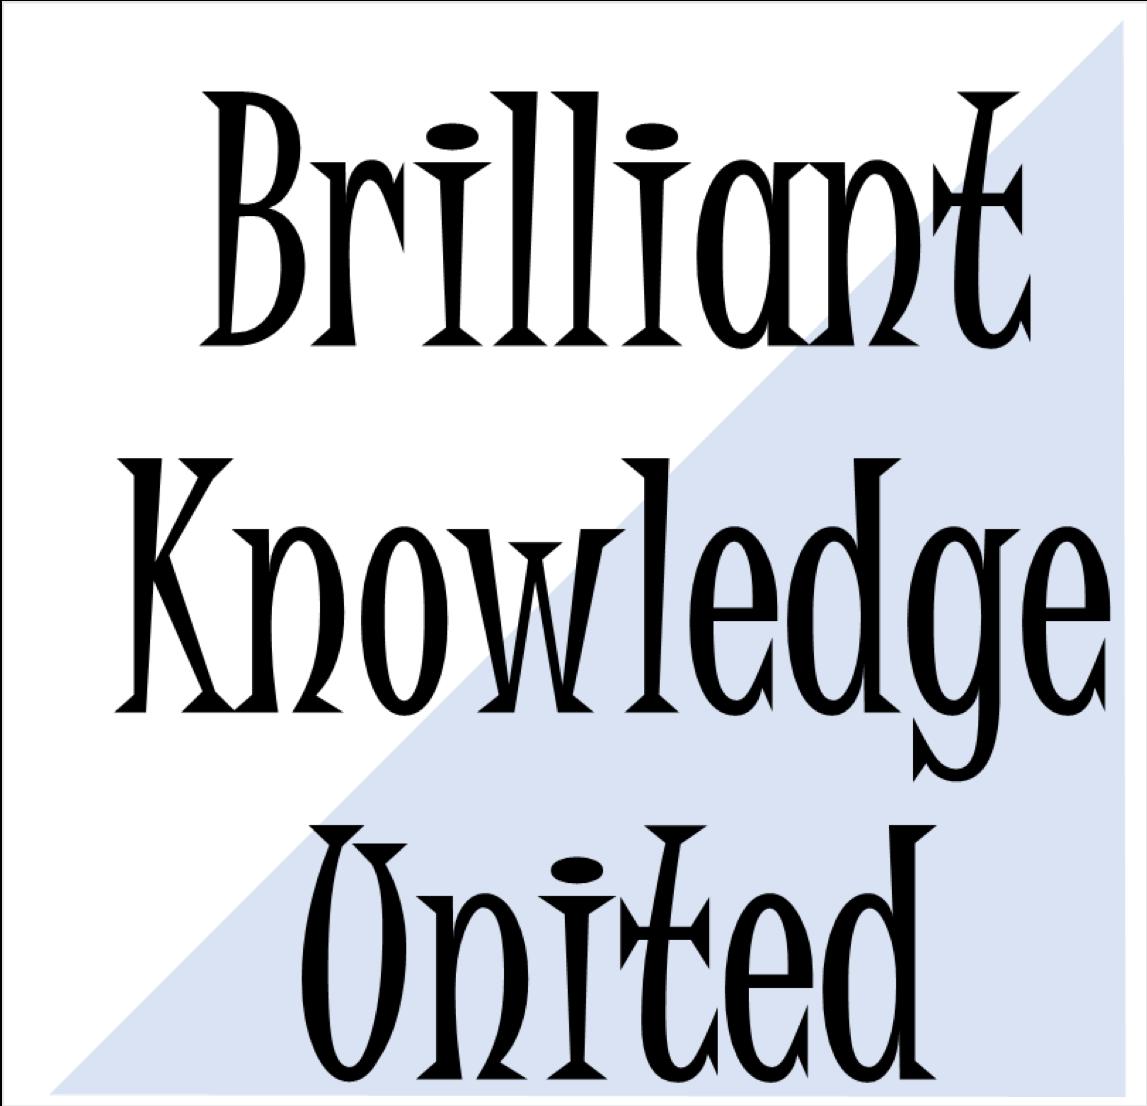 ミャンマー技能実習生・特定技能ビザ・エンジニア送り出し機関|Brilliant Knowledge United